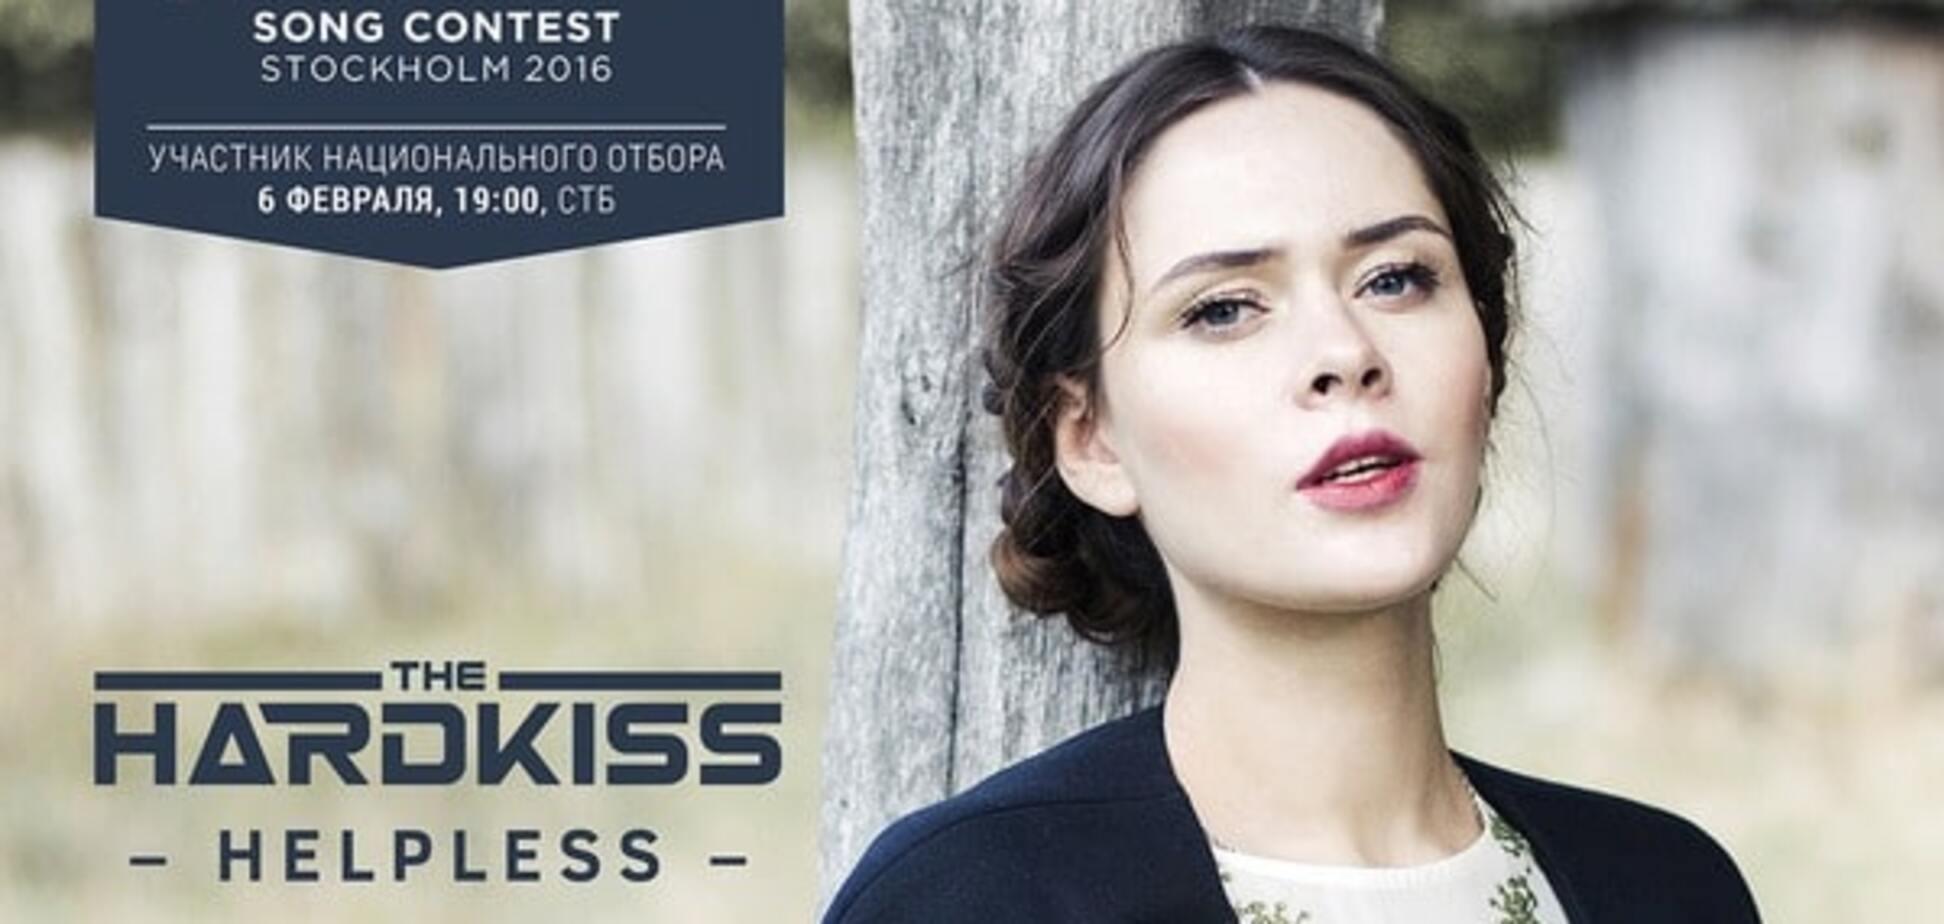 The Hardkiss на 'Євробаченні 2016' заспіває українською